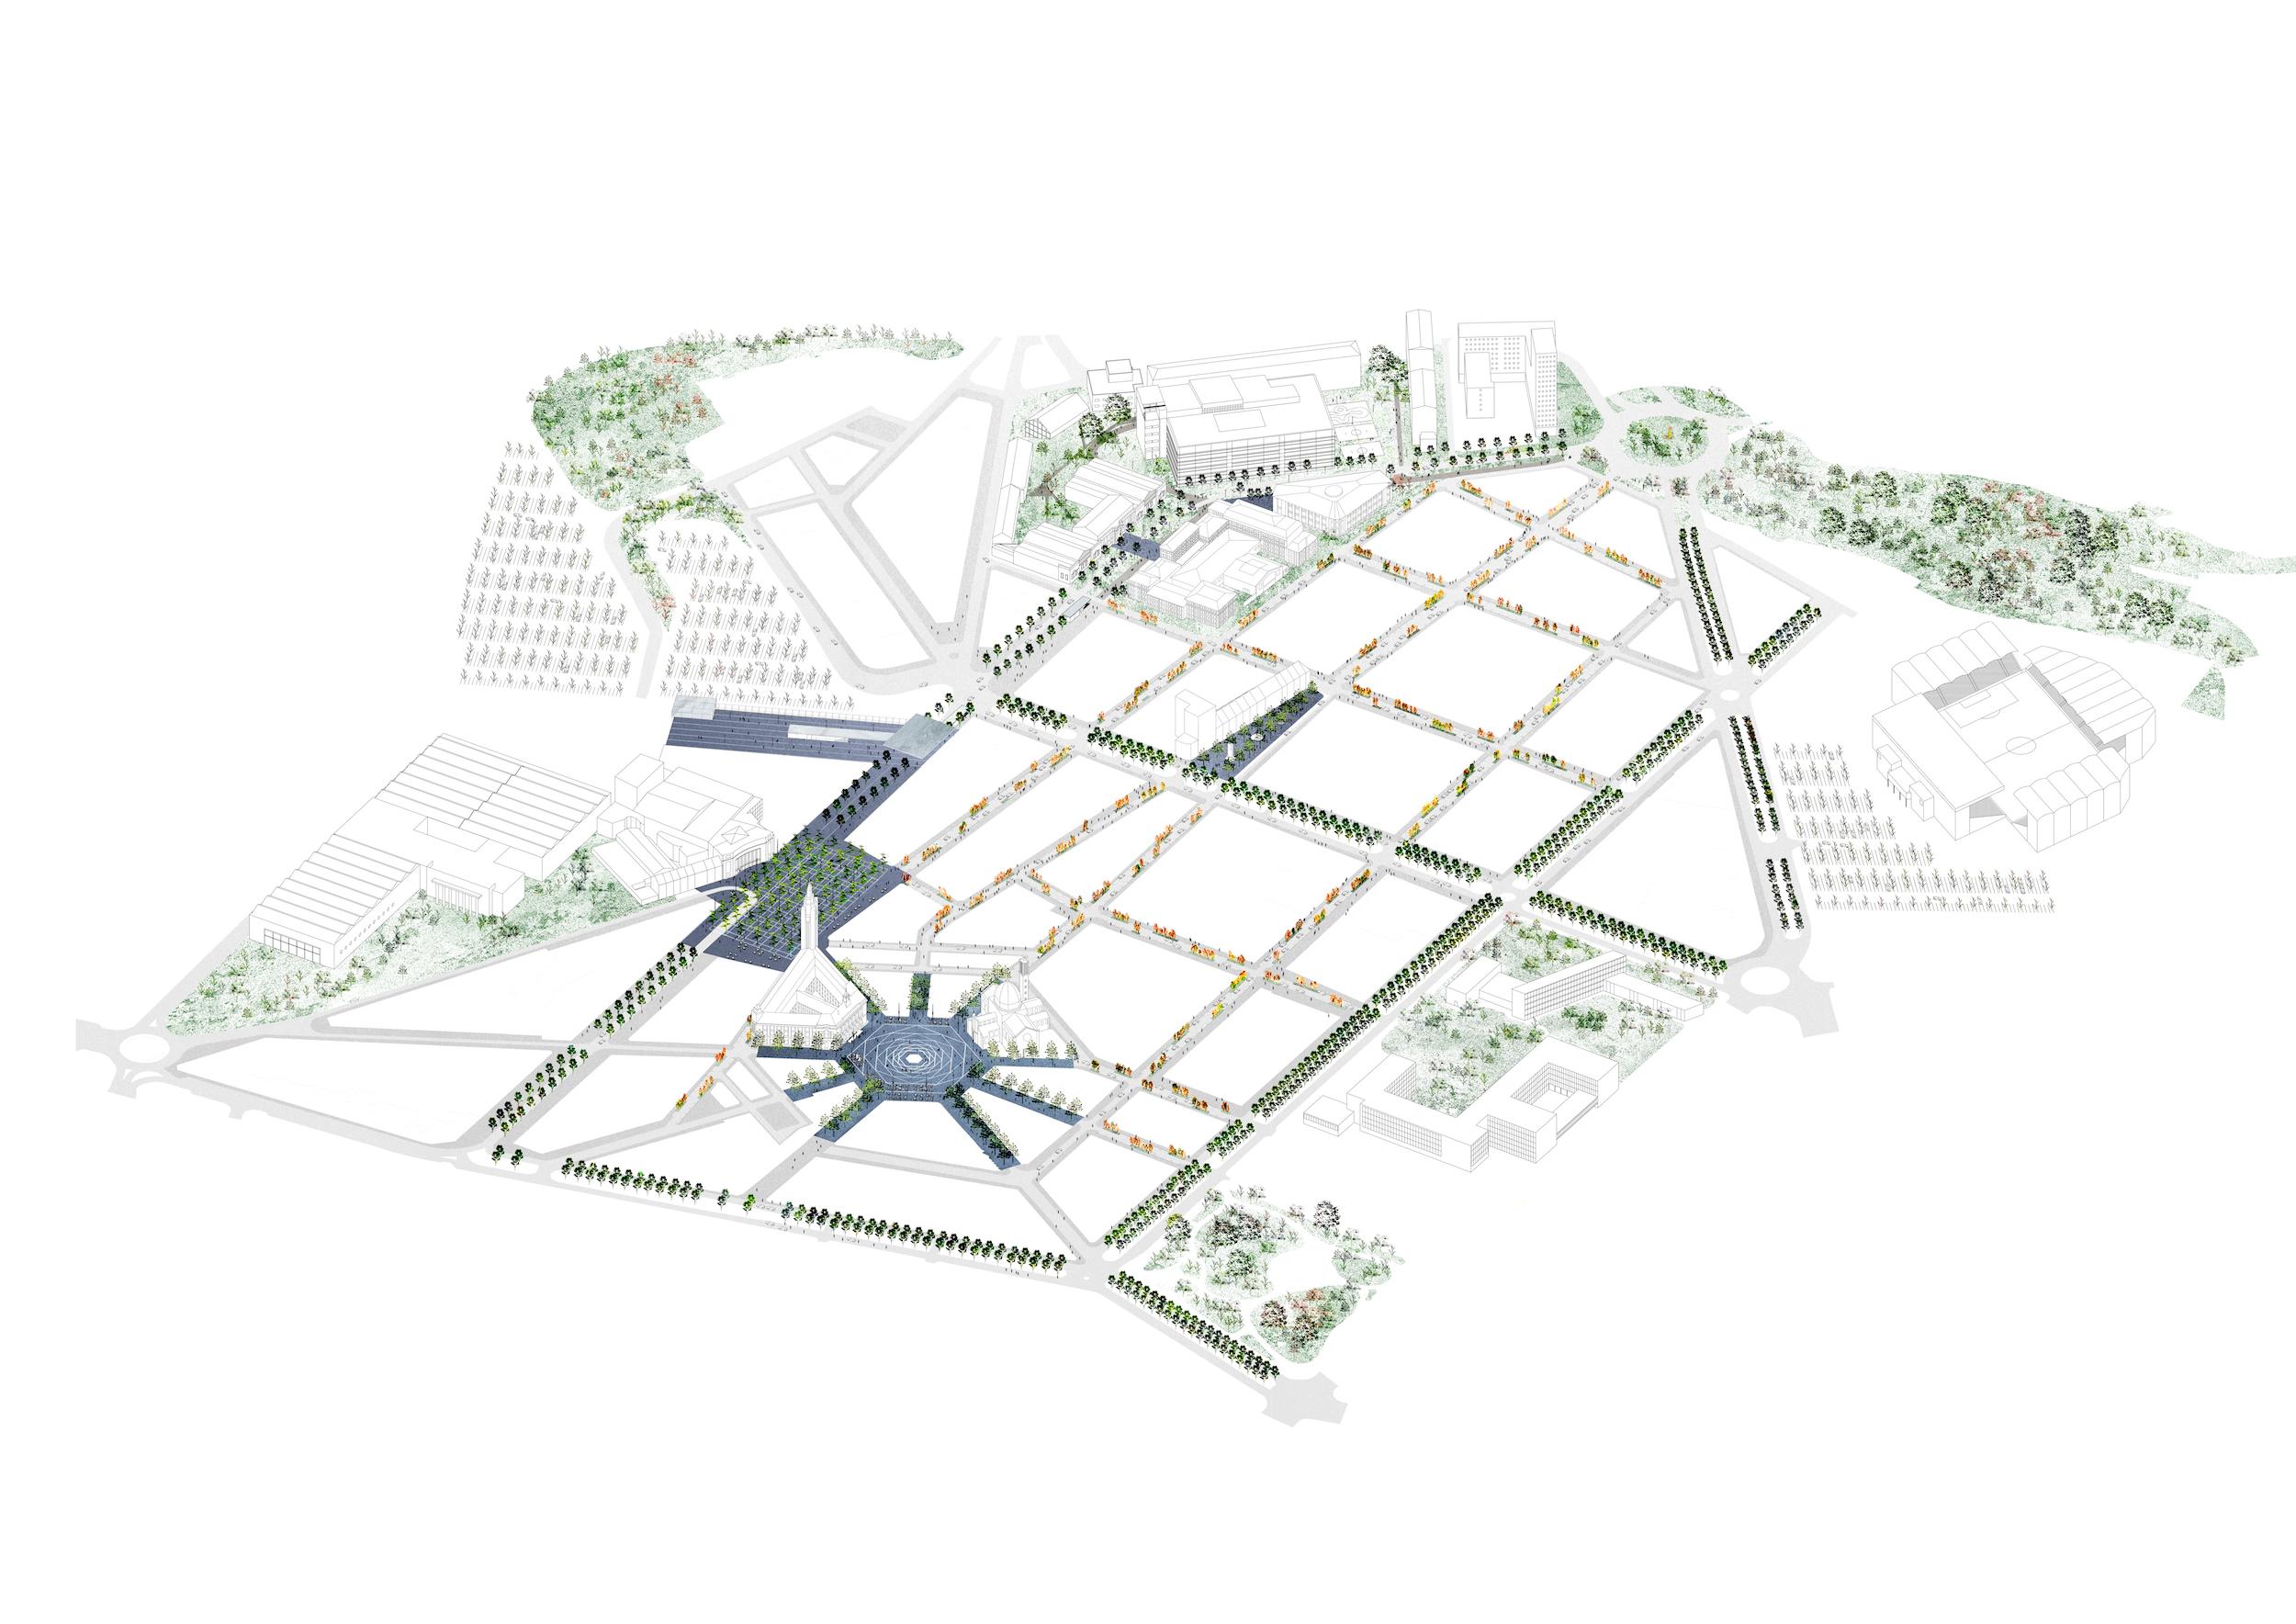 CHARLEROI DC - Projet des espaces publics   Une équipe internationale pour concevoir les espaces publics de la Ville-Haute   La ville de Charleroi connaît une histoire très particulière. Depuis sa création elle s'est développée au travers de grands projets. Elle a été conçue en 1666 comme une forteresse et a connu une suite d'agrandissements de ses lignes de défense. Après la découverte des gisements dans la région, elle est devenue le centre de l'extraction du charbon. En 1911...  + d'informations